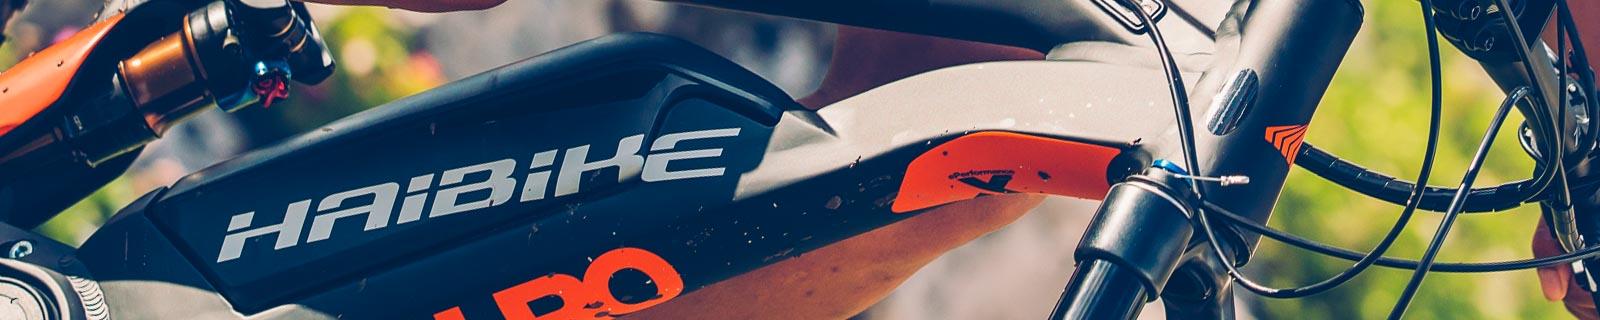 Haibike – Der E-Bike Trendsetter